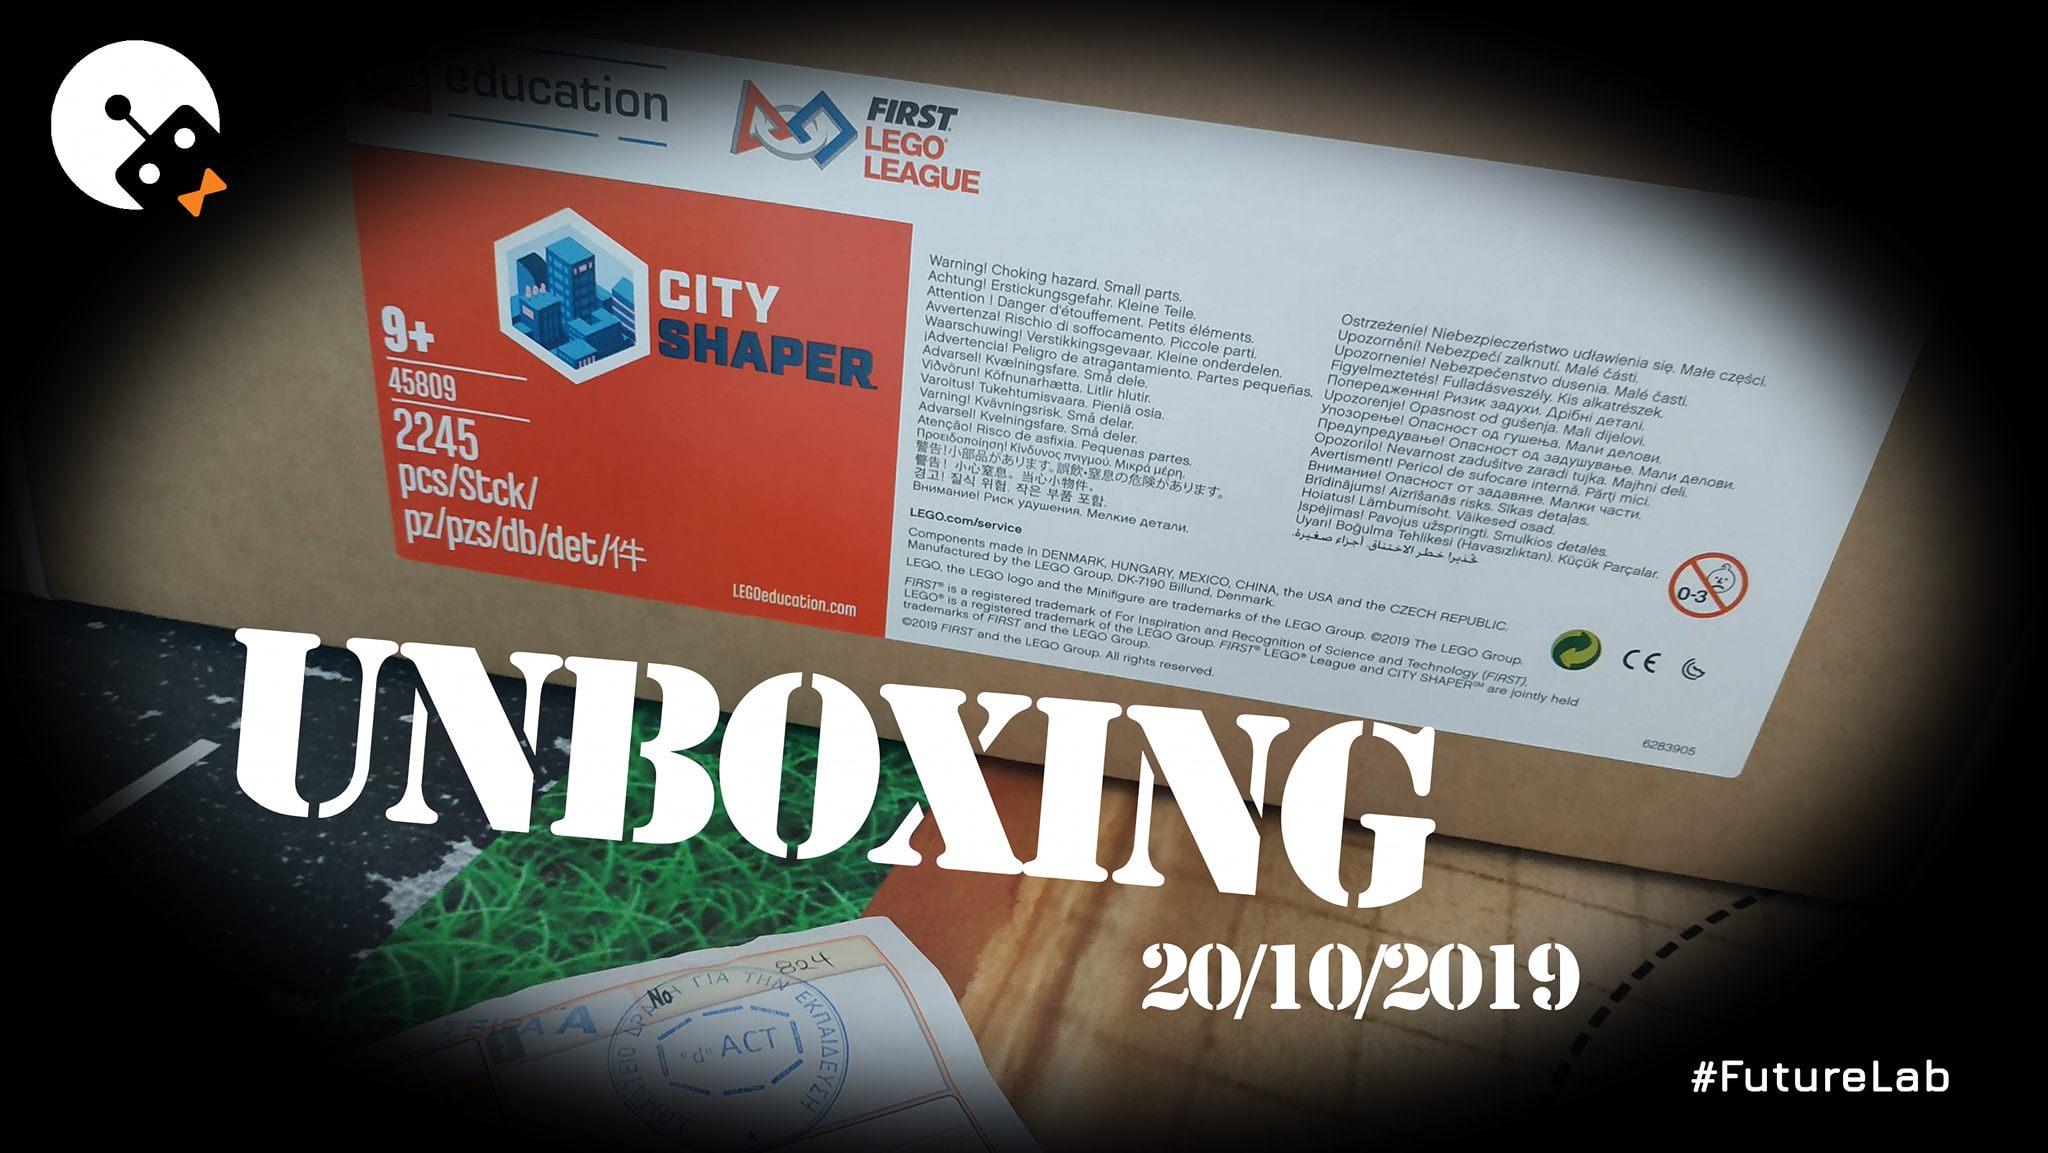 Μάθημα Unboxing της νέας πίστας του FLL City Shaper 2020